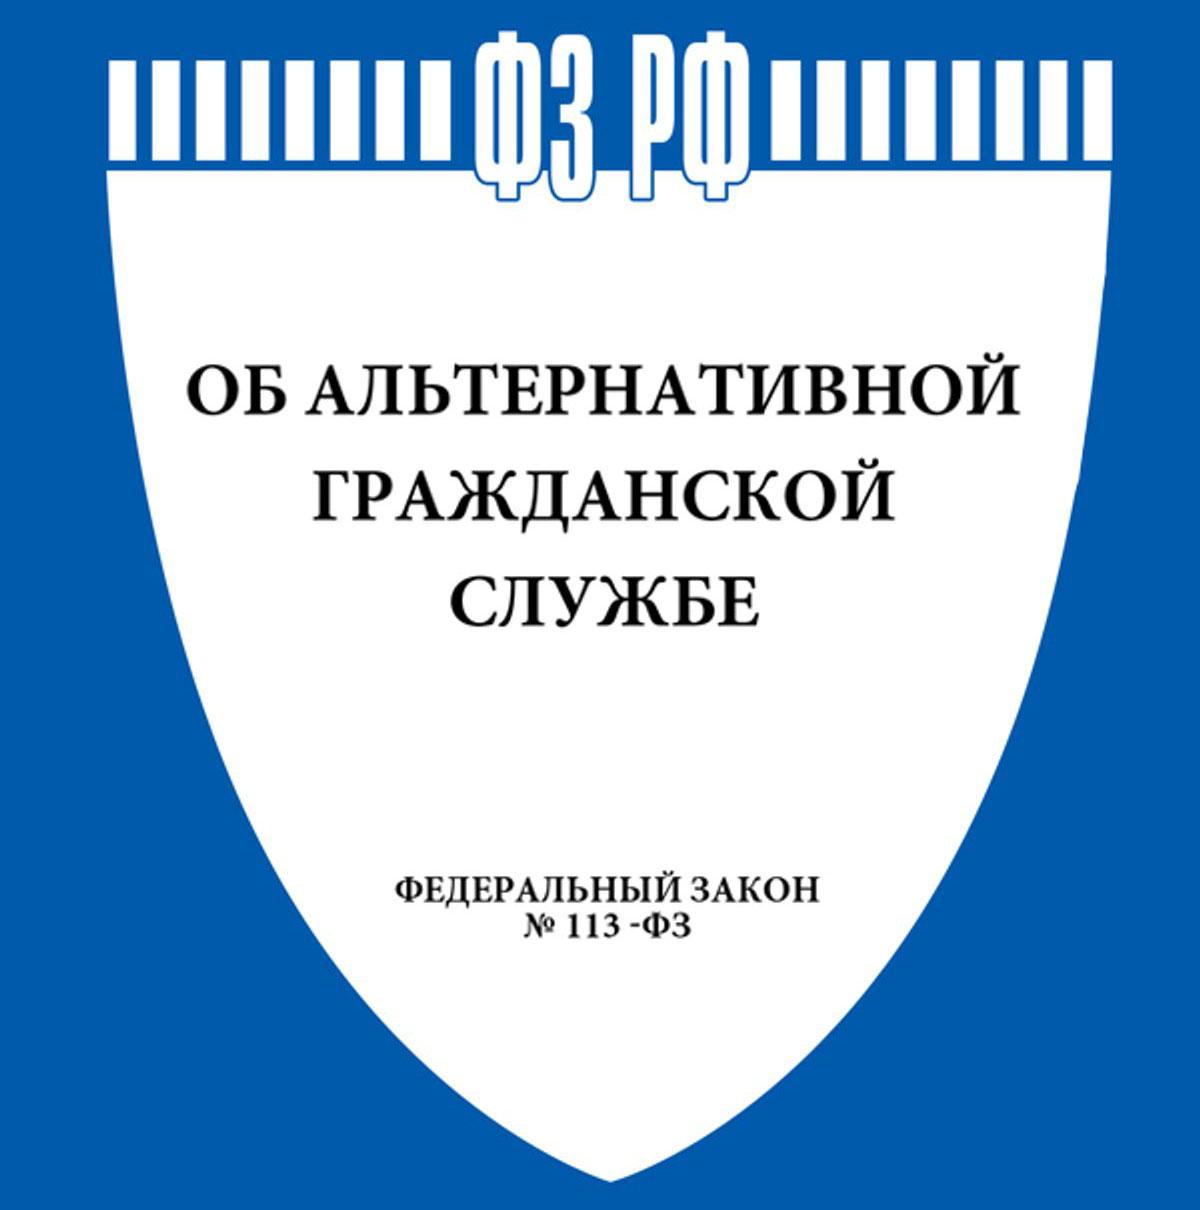 """Федеральный закон """"Об альтернативной гражданской службе"""""""